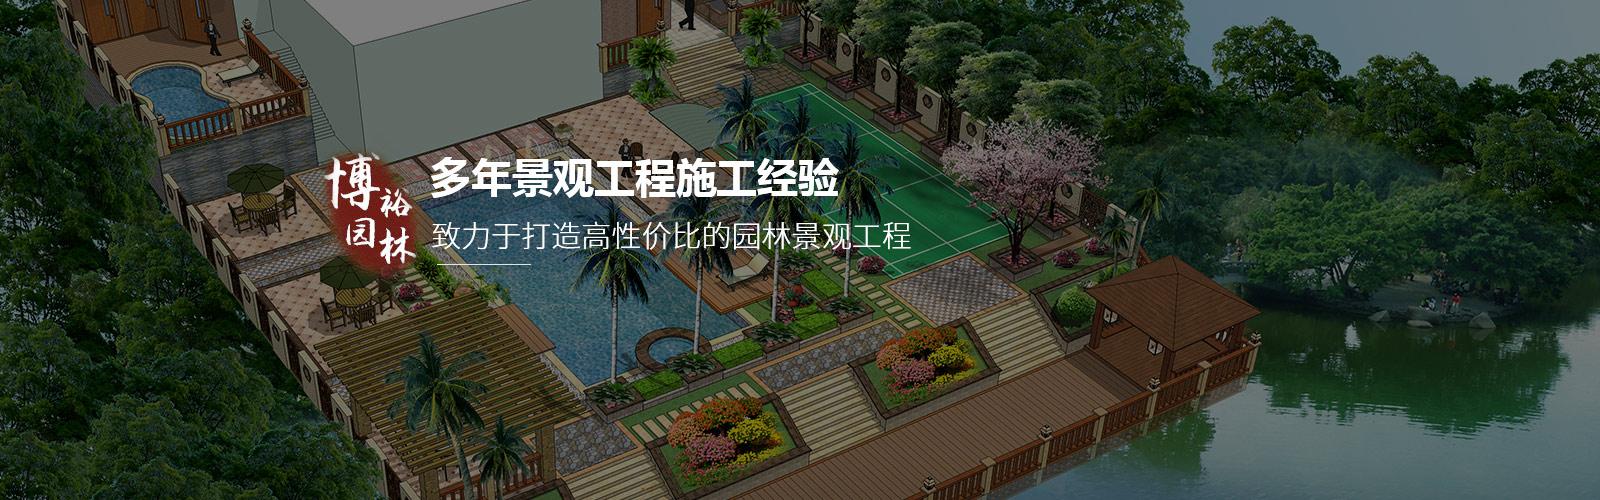 重庆园林景观设计公司